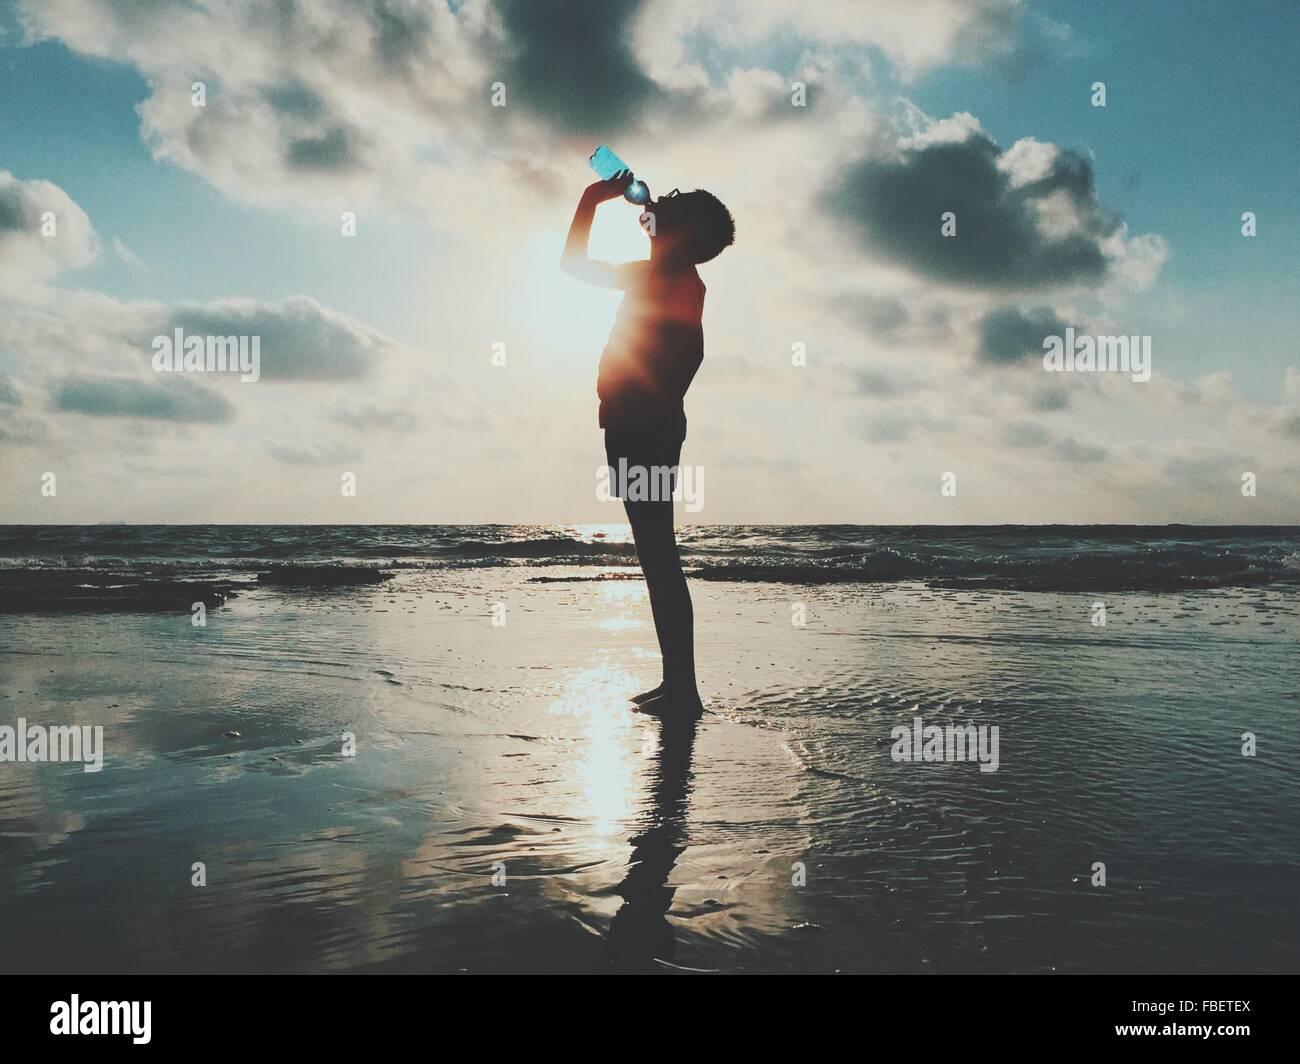 Vista laterale di uomo in piedi e acqua potabile a riva del mare contro il cielo nuvoloso Immagini Stock